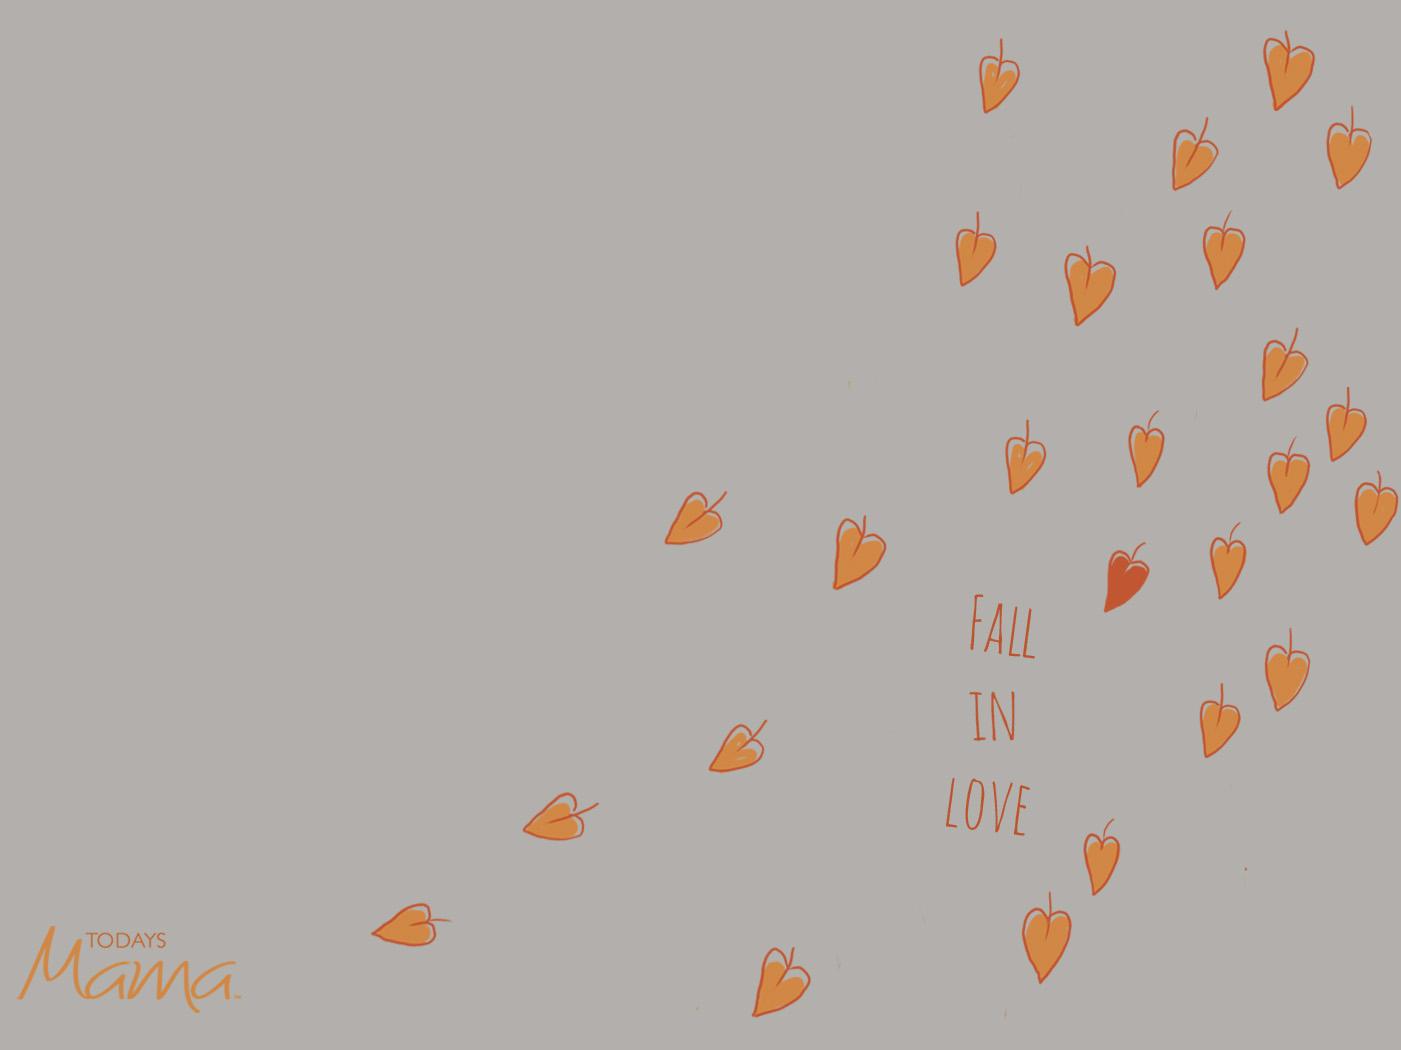 cute fall desktop wallpaper   wwwwallpapers in hdcom 1401x1050